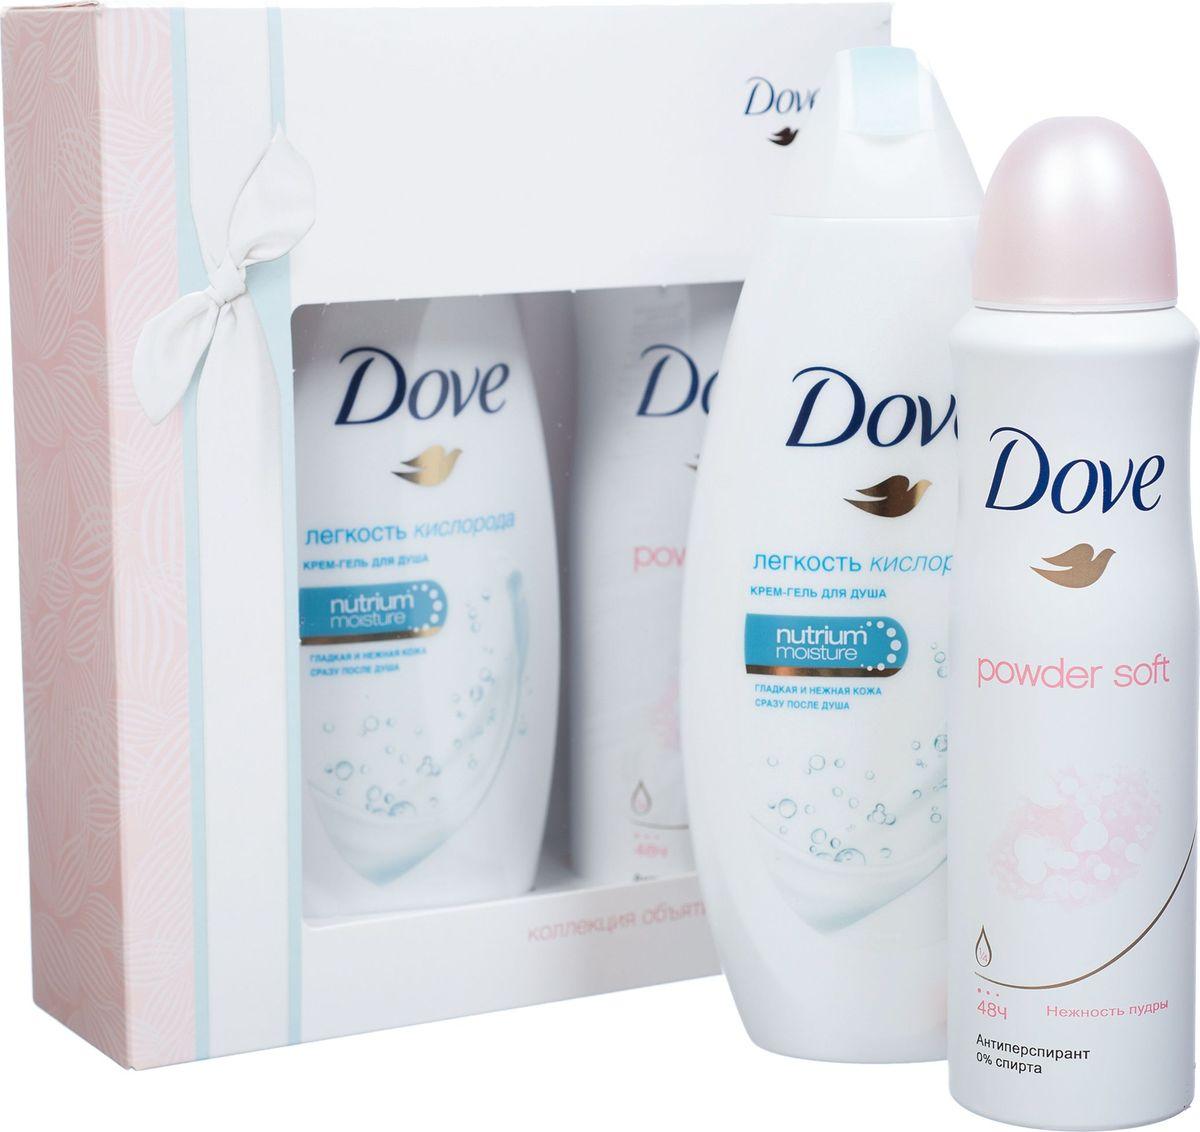 Dove подарочный набор Коллекция объятия нежности67083398Появление бренда Dove связано с созданием уникального очищающего средства для кожи, не содержащего щелочи. Формула единственного в своем роде крем-мыла на четверть состоит из увлажняющего крема - именно это его качество помогает защищать кожу от раздражения и сухости, которые неизбежны при использовании обычного мыла. Dove —марка, которая известна благодаря авангардному изобретению: мягкому крем-мылу. Dove любим миллионами, ведь они не содержат щелочи, оказывают мягкое, щадящее воздействие на кожу лица и тела. Удивительное по своим свойствам крем-мыло довольно быстро стало одним из самых популярных косметических средств. Успех этого продукта был настолько велик, что производители долгое время не занимались расширением ассортимента. Прошло почти сорок лет с момента регистрации товарного знака Dove, прежде чем свет увидел крем-гель для душа и другие косметические средства этой марки. Все они создаются на основе формулы, разработанной еще в прошлом веке, но не потерявшей своей...